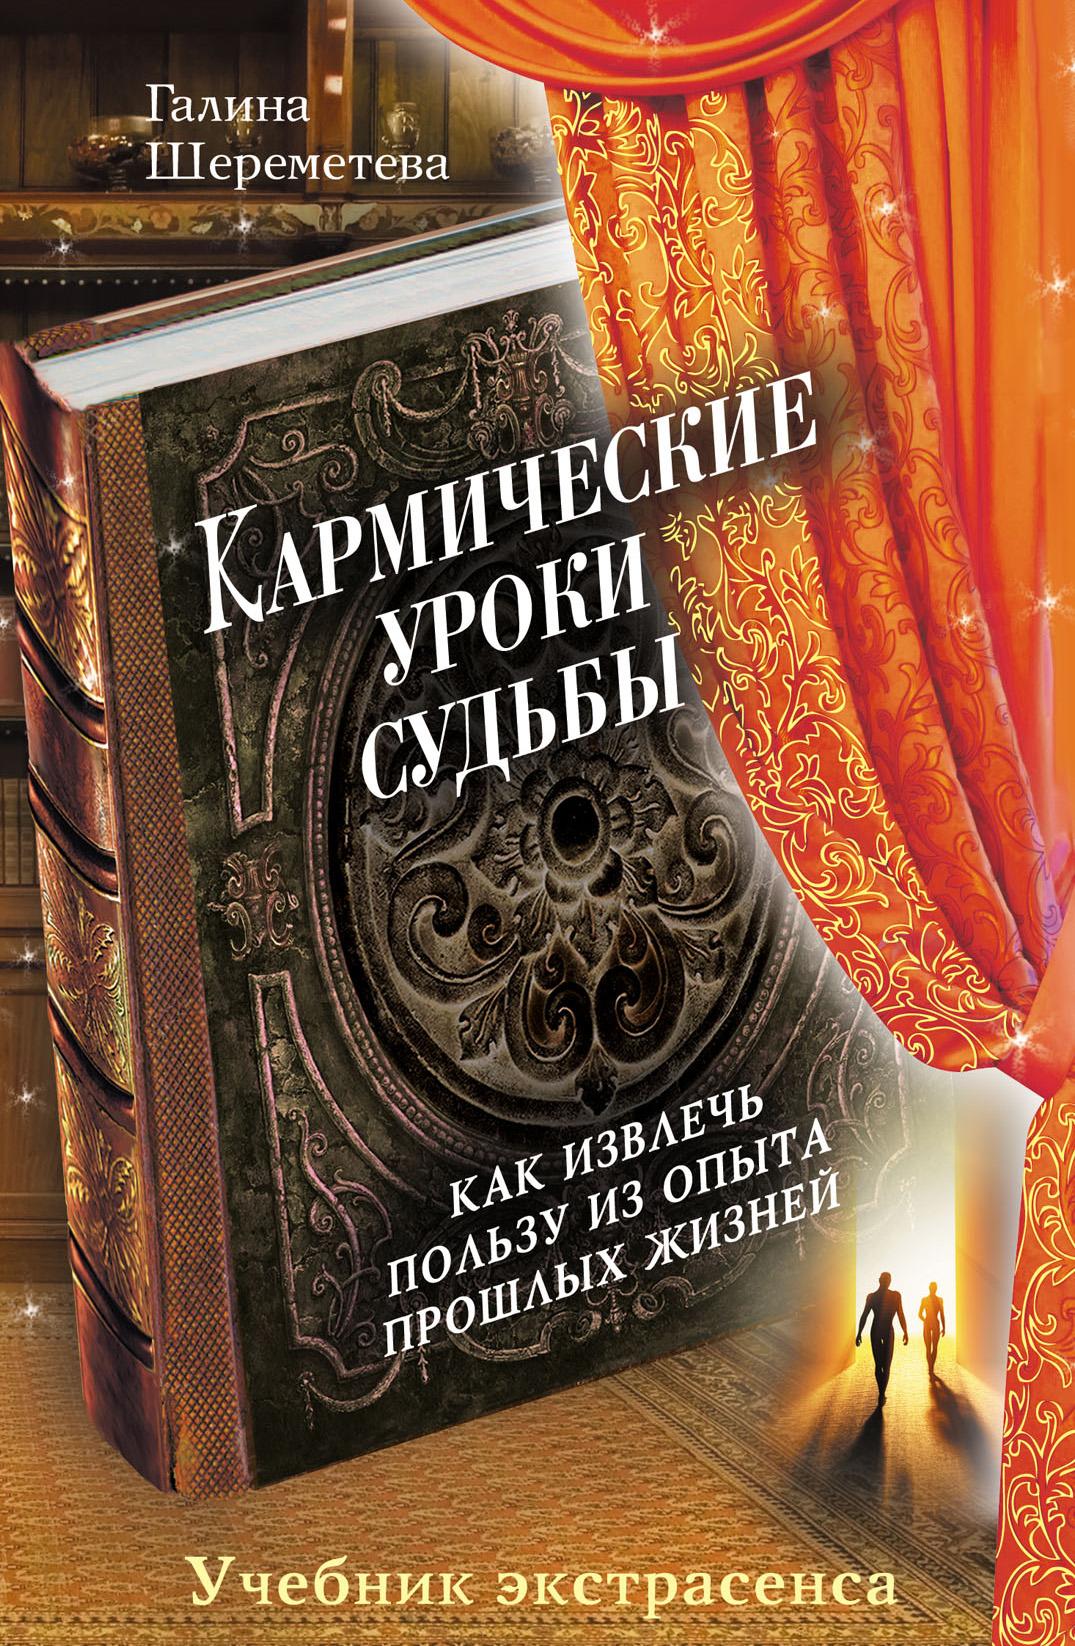 Галина Шереметева Кармические уроки судьбы